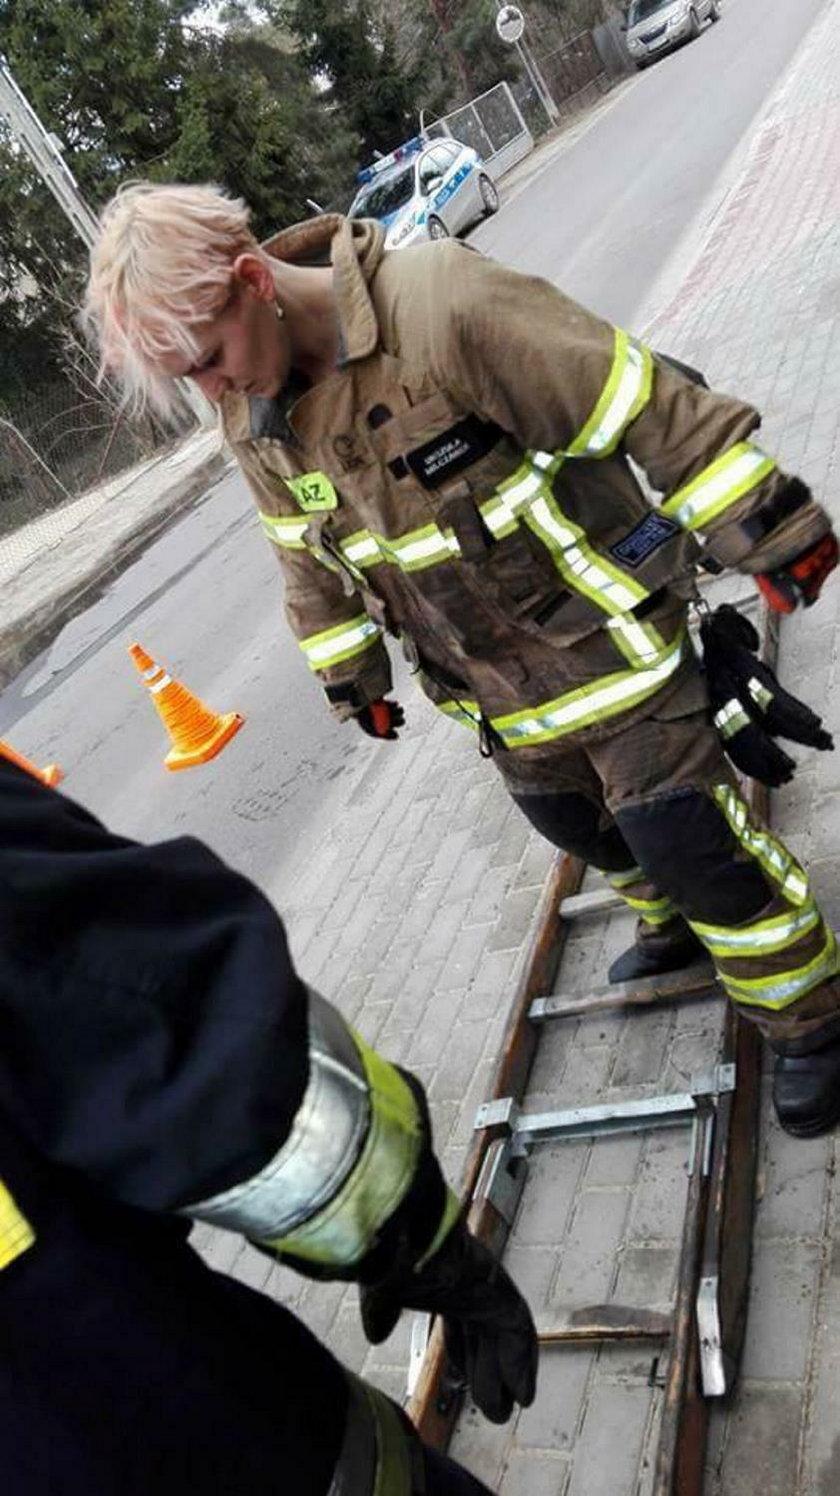 Strażacy-ochotnicy z Milanówka zostali okradzeni przed wyjazdem do Rytla